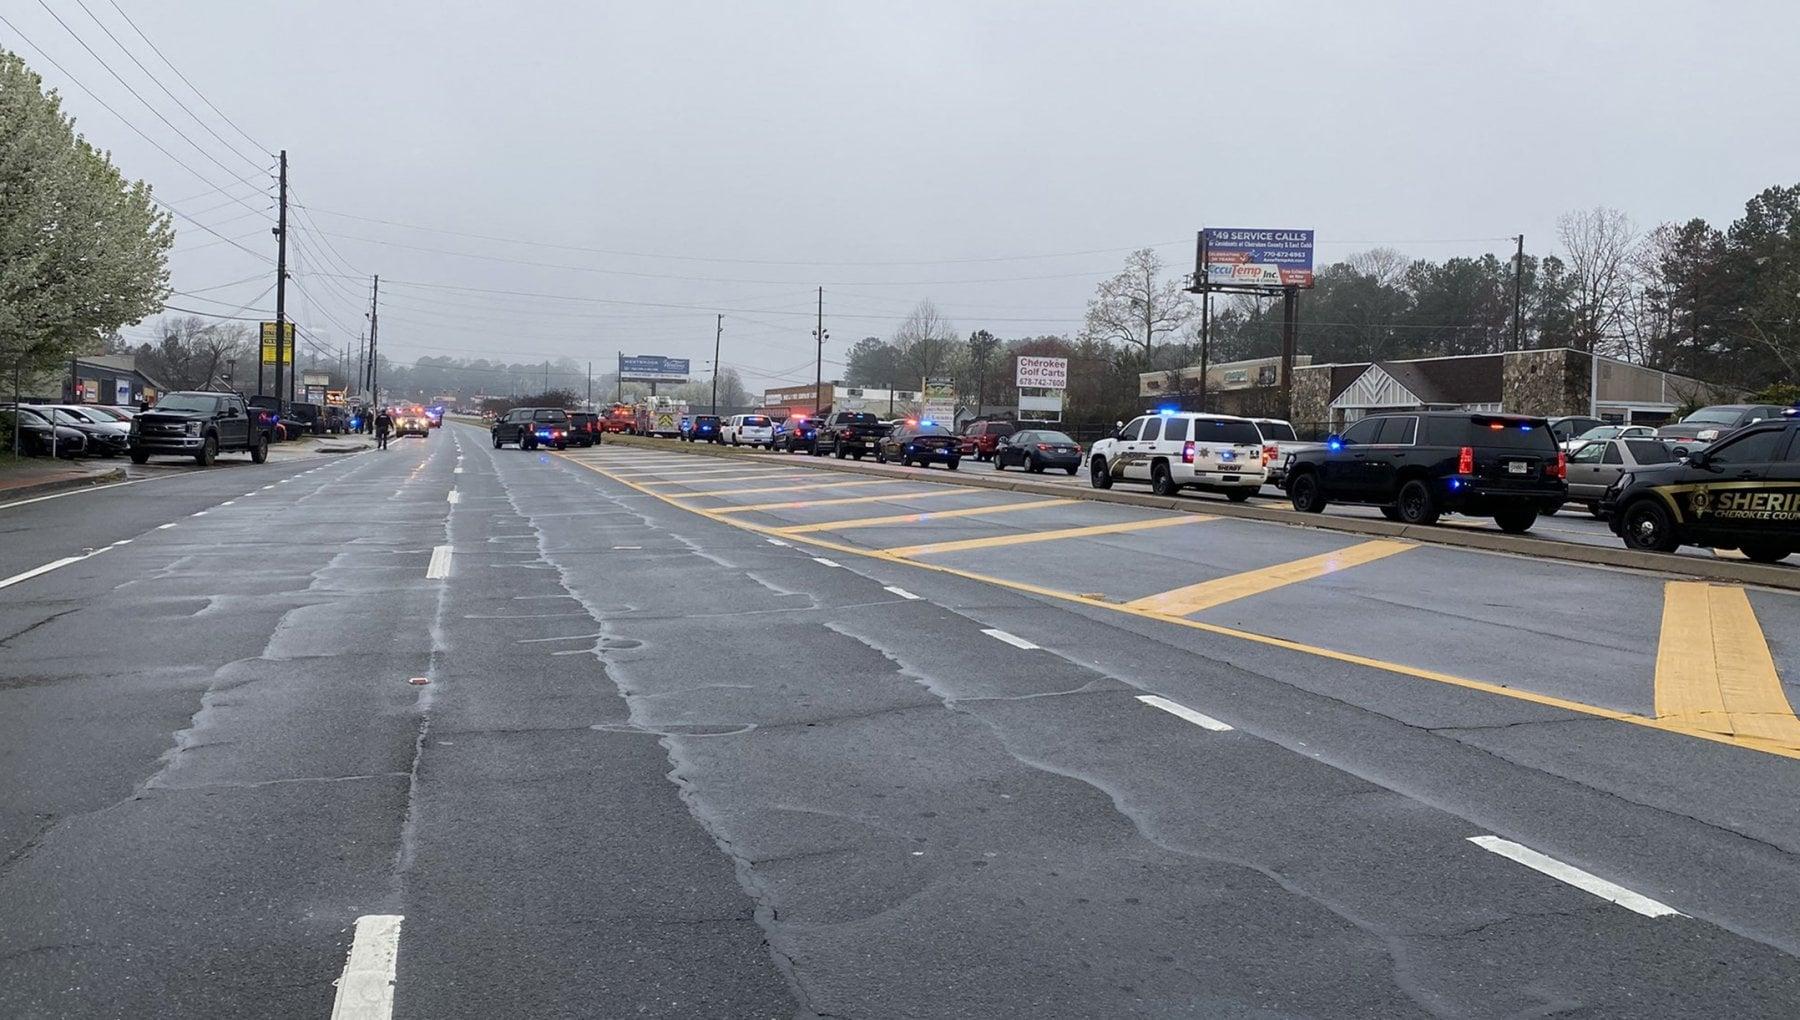 014511313 c26a1a4b 0583 424a 928c 3f8d3c79daaa - Usa: sparatoria ad Atlanta, 7 morti